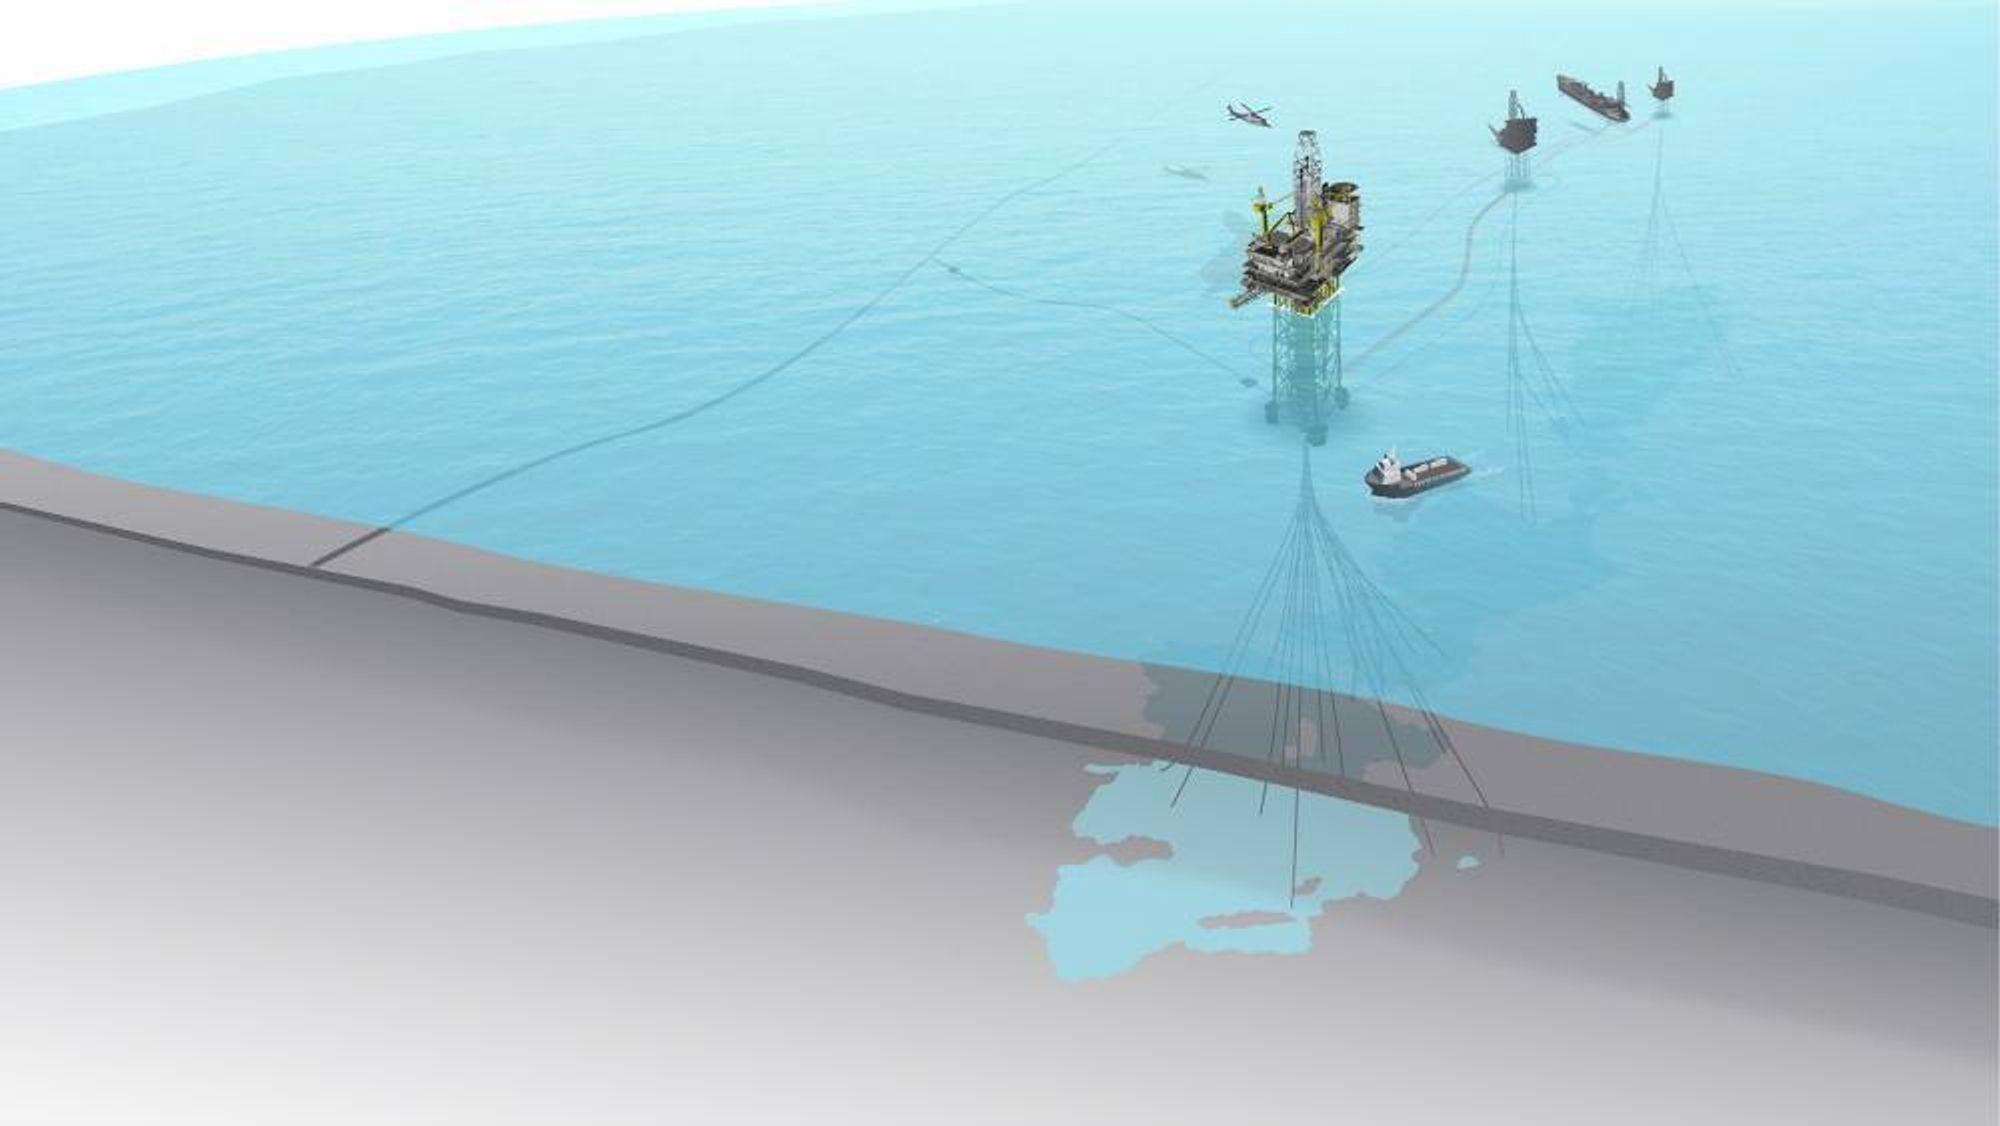 Tungoljefeltet Peregrino er blant Statoils satsinger i Brasil. Nå har de vunnet nye leteblokker.